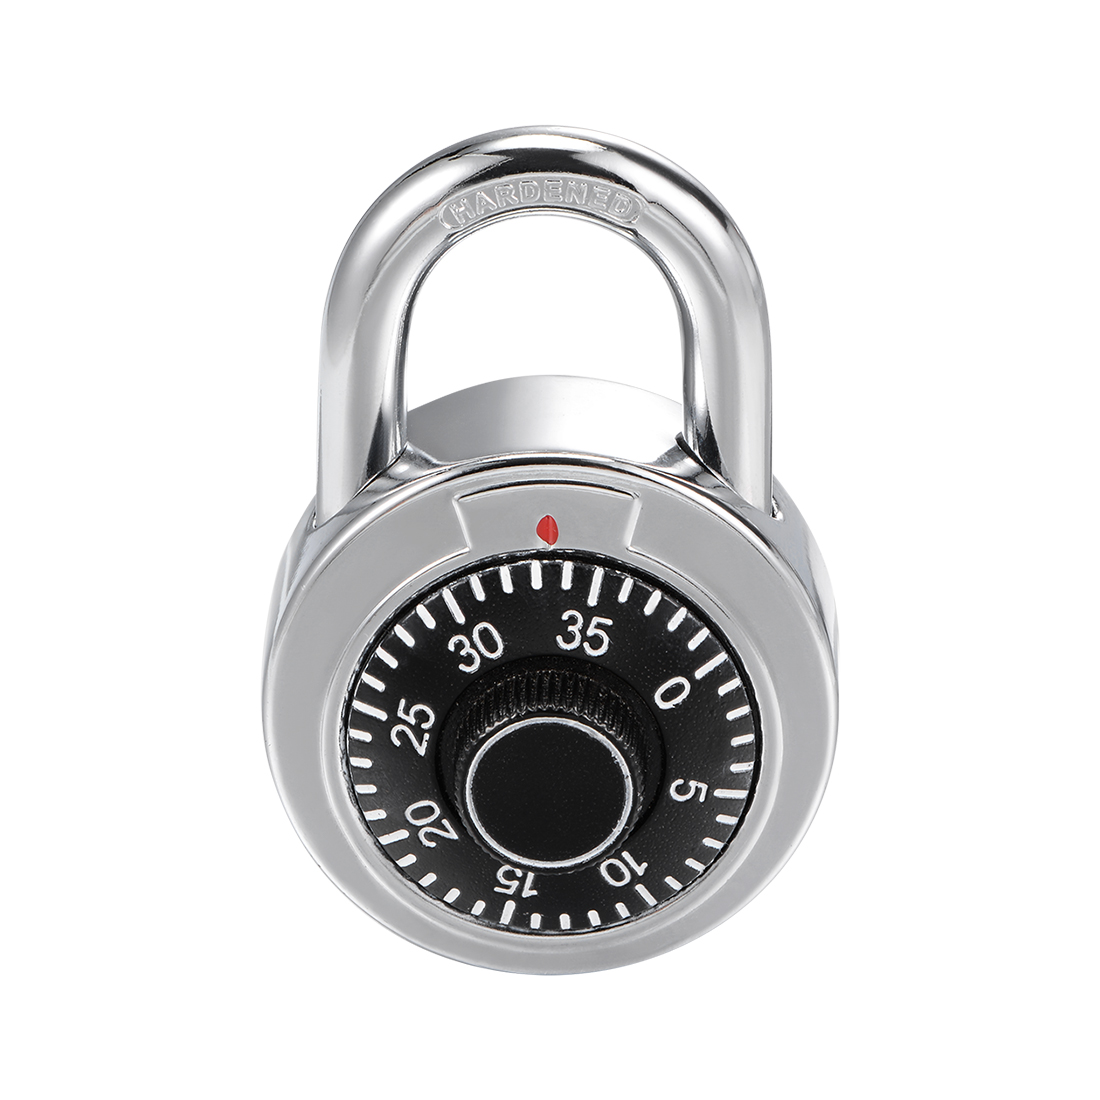 Combination Padlock Locker Lock 8mm Diameter Steel Shackle 50mm Body Width